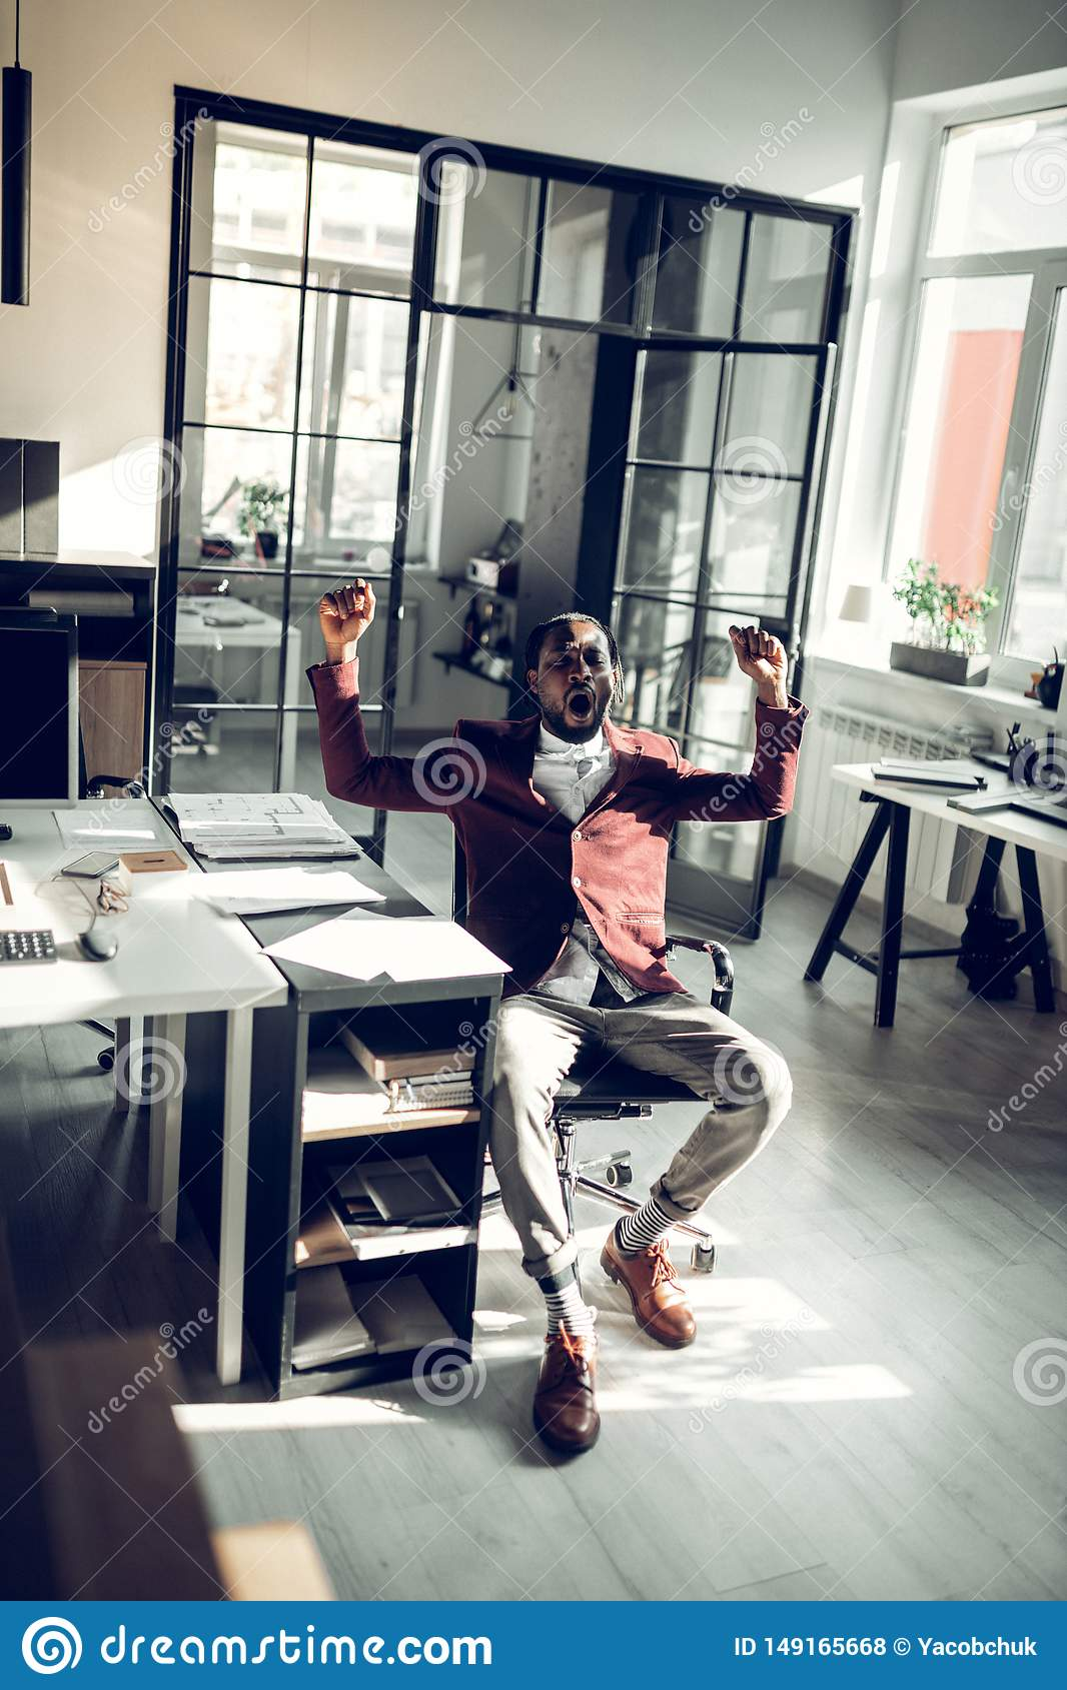 Σκοτεινός-ξεφλουδισμένος επιχειρηματίας που χασμουριέται μετά από να εργαστεί όλη την ημέρα